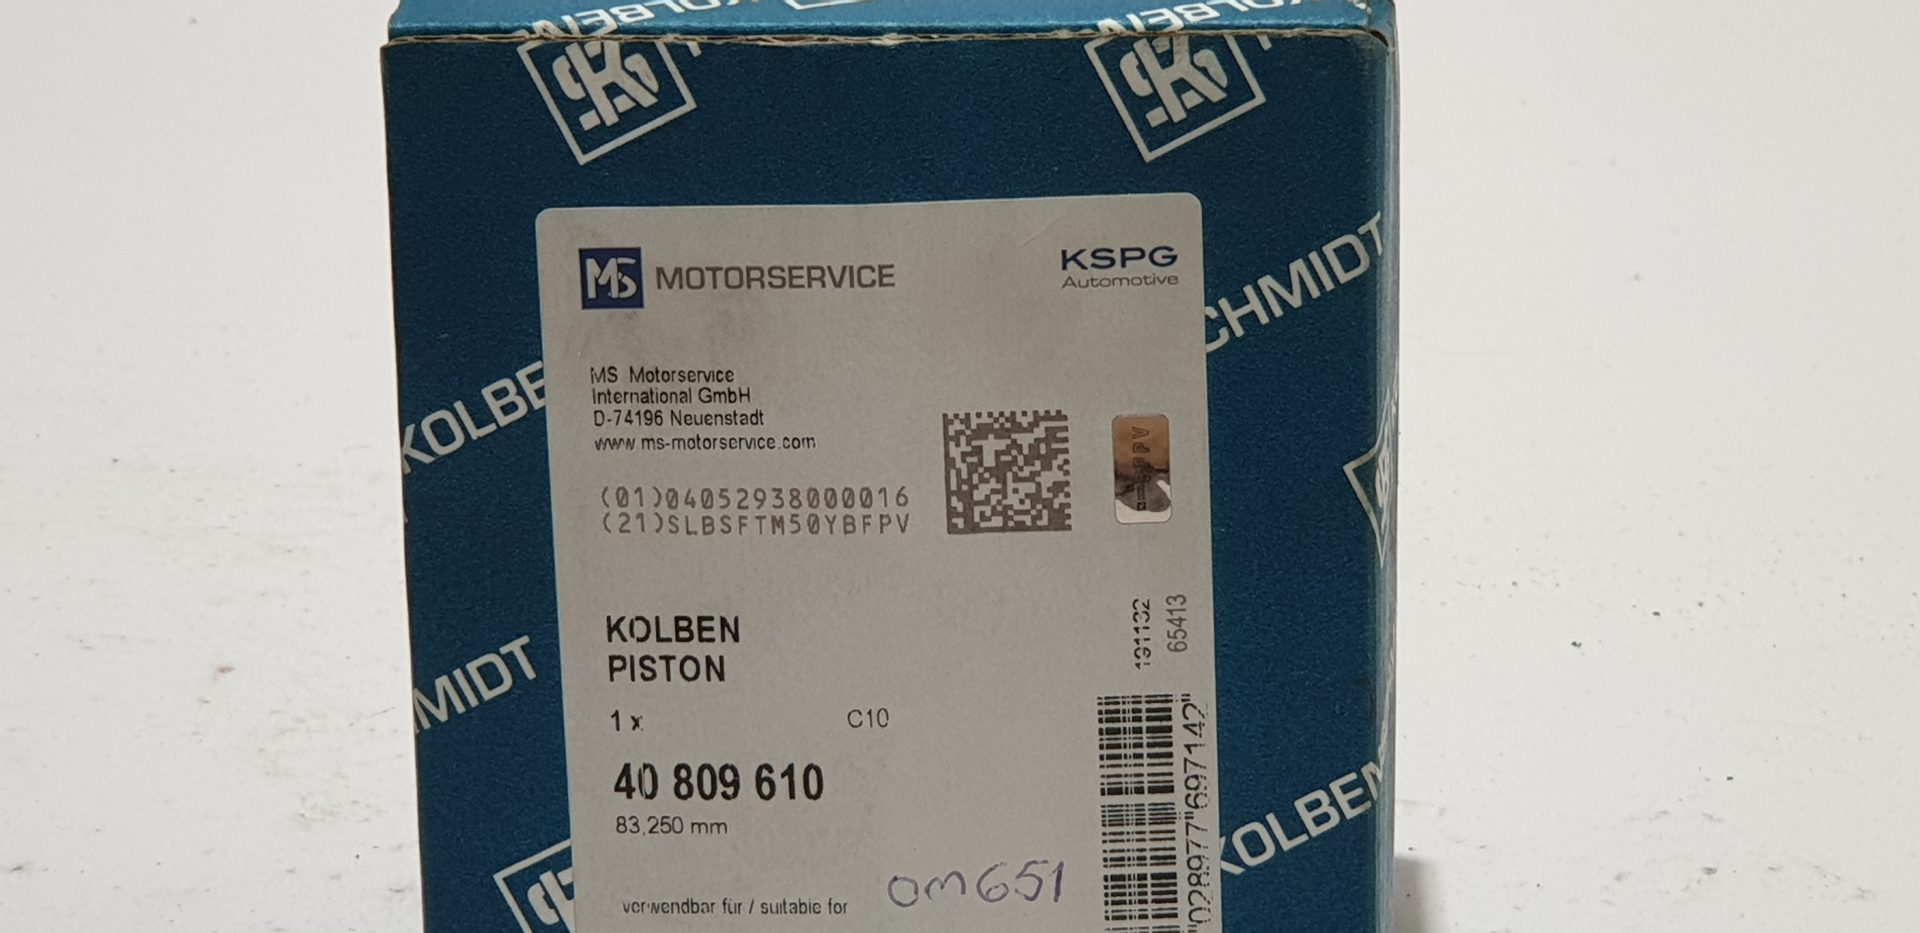 mb om651 40809610 +0,25mm l